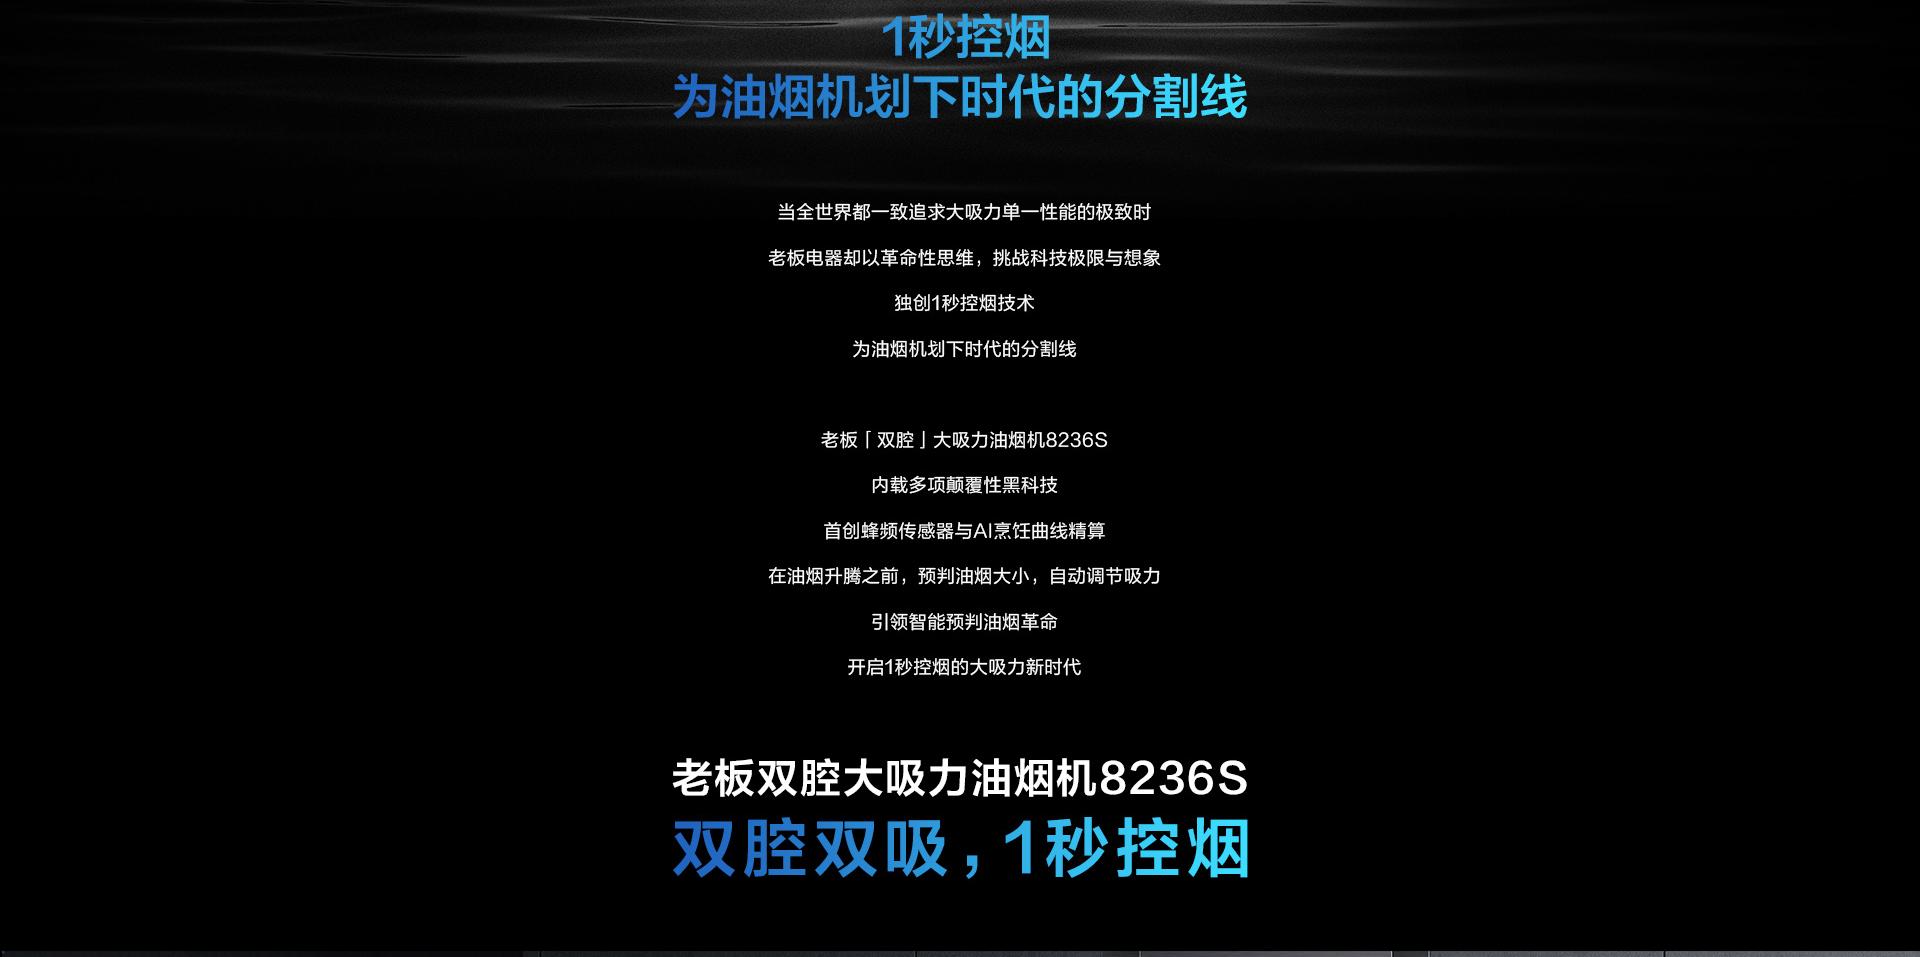 8236S-双腔详情页-PC_02.png